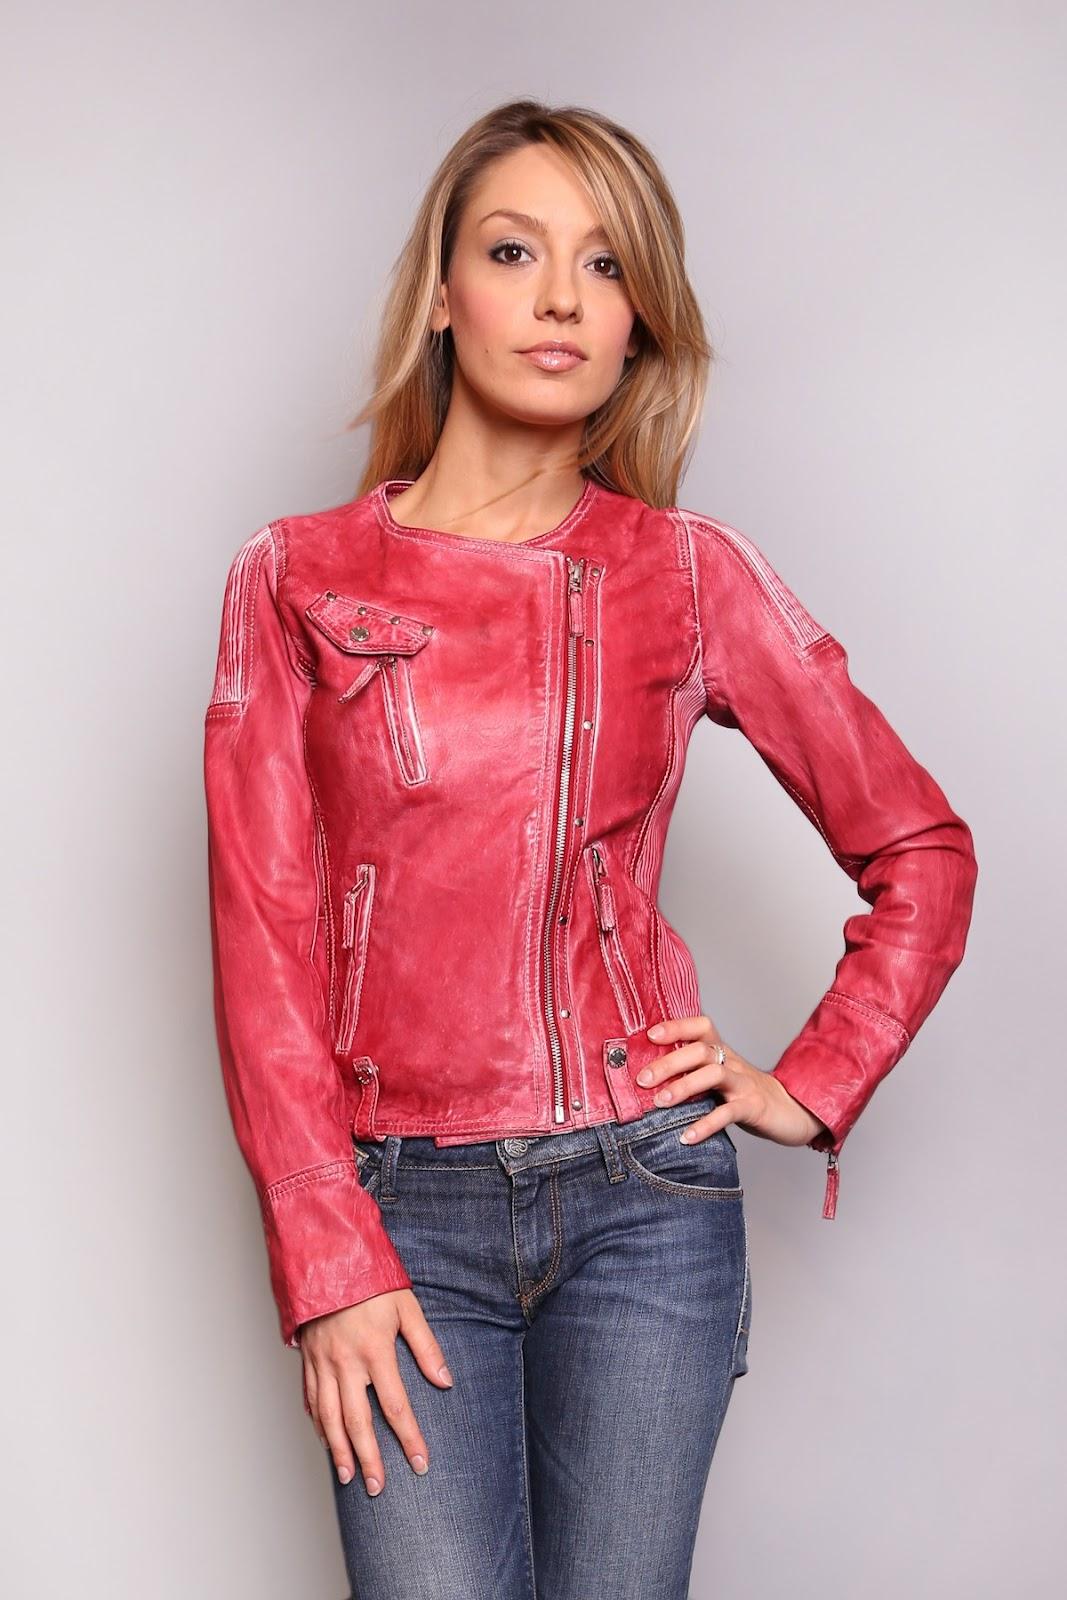 tendances f minines de fin d 39 ann e 2012 blouson cuir rouge veste en cuir rouge par. Black Bedroom Furniture Sets. Home Design Ideas